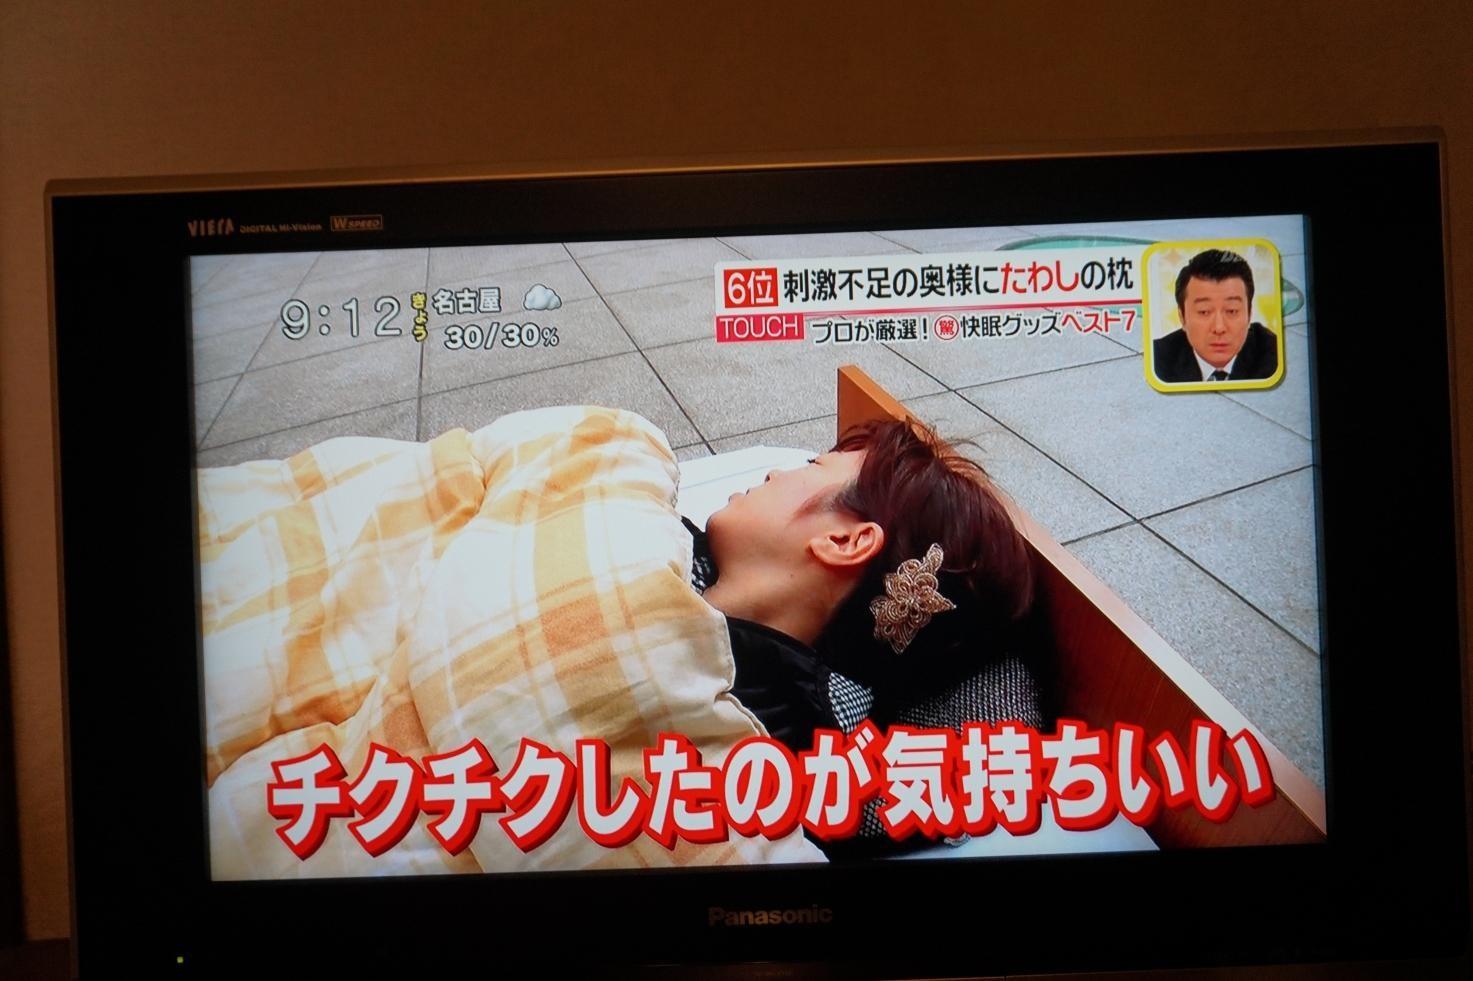 【日テレのスッキリでも大好評】新・睡眠用たわしの姉妹品に注目!